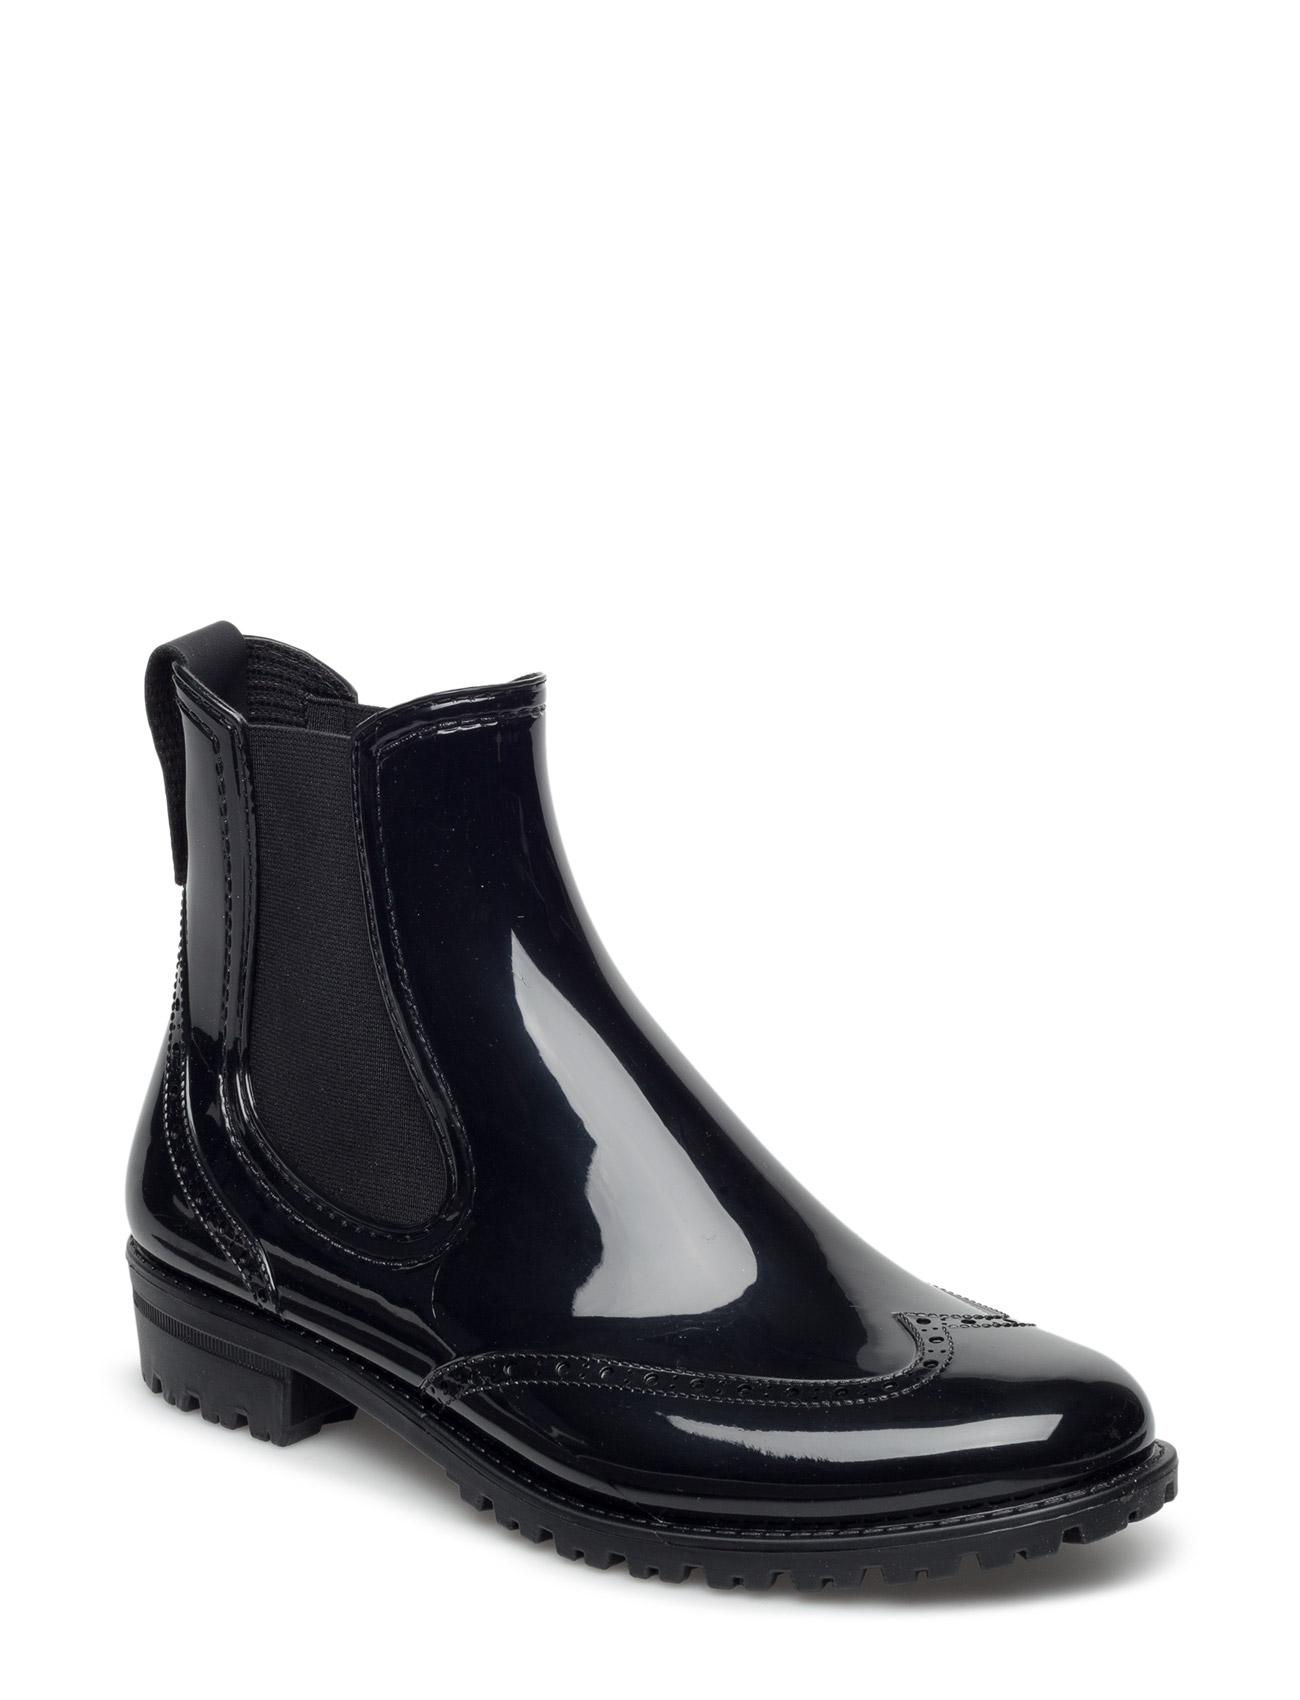 Rain Boots Billi Bi Støvler til Damer i Black Shiny 40